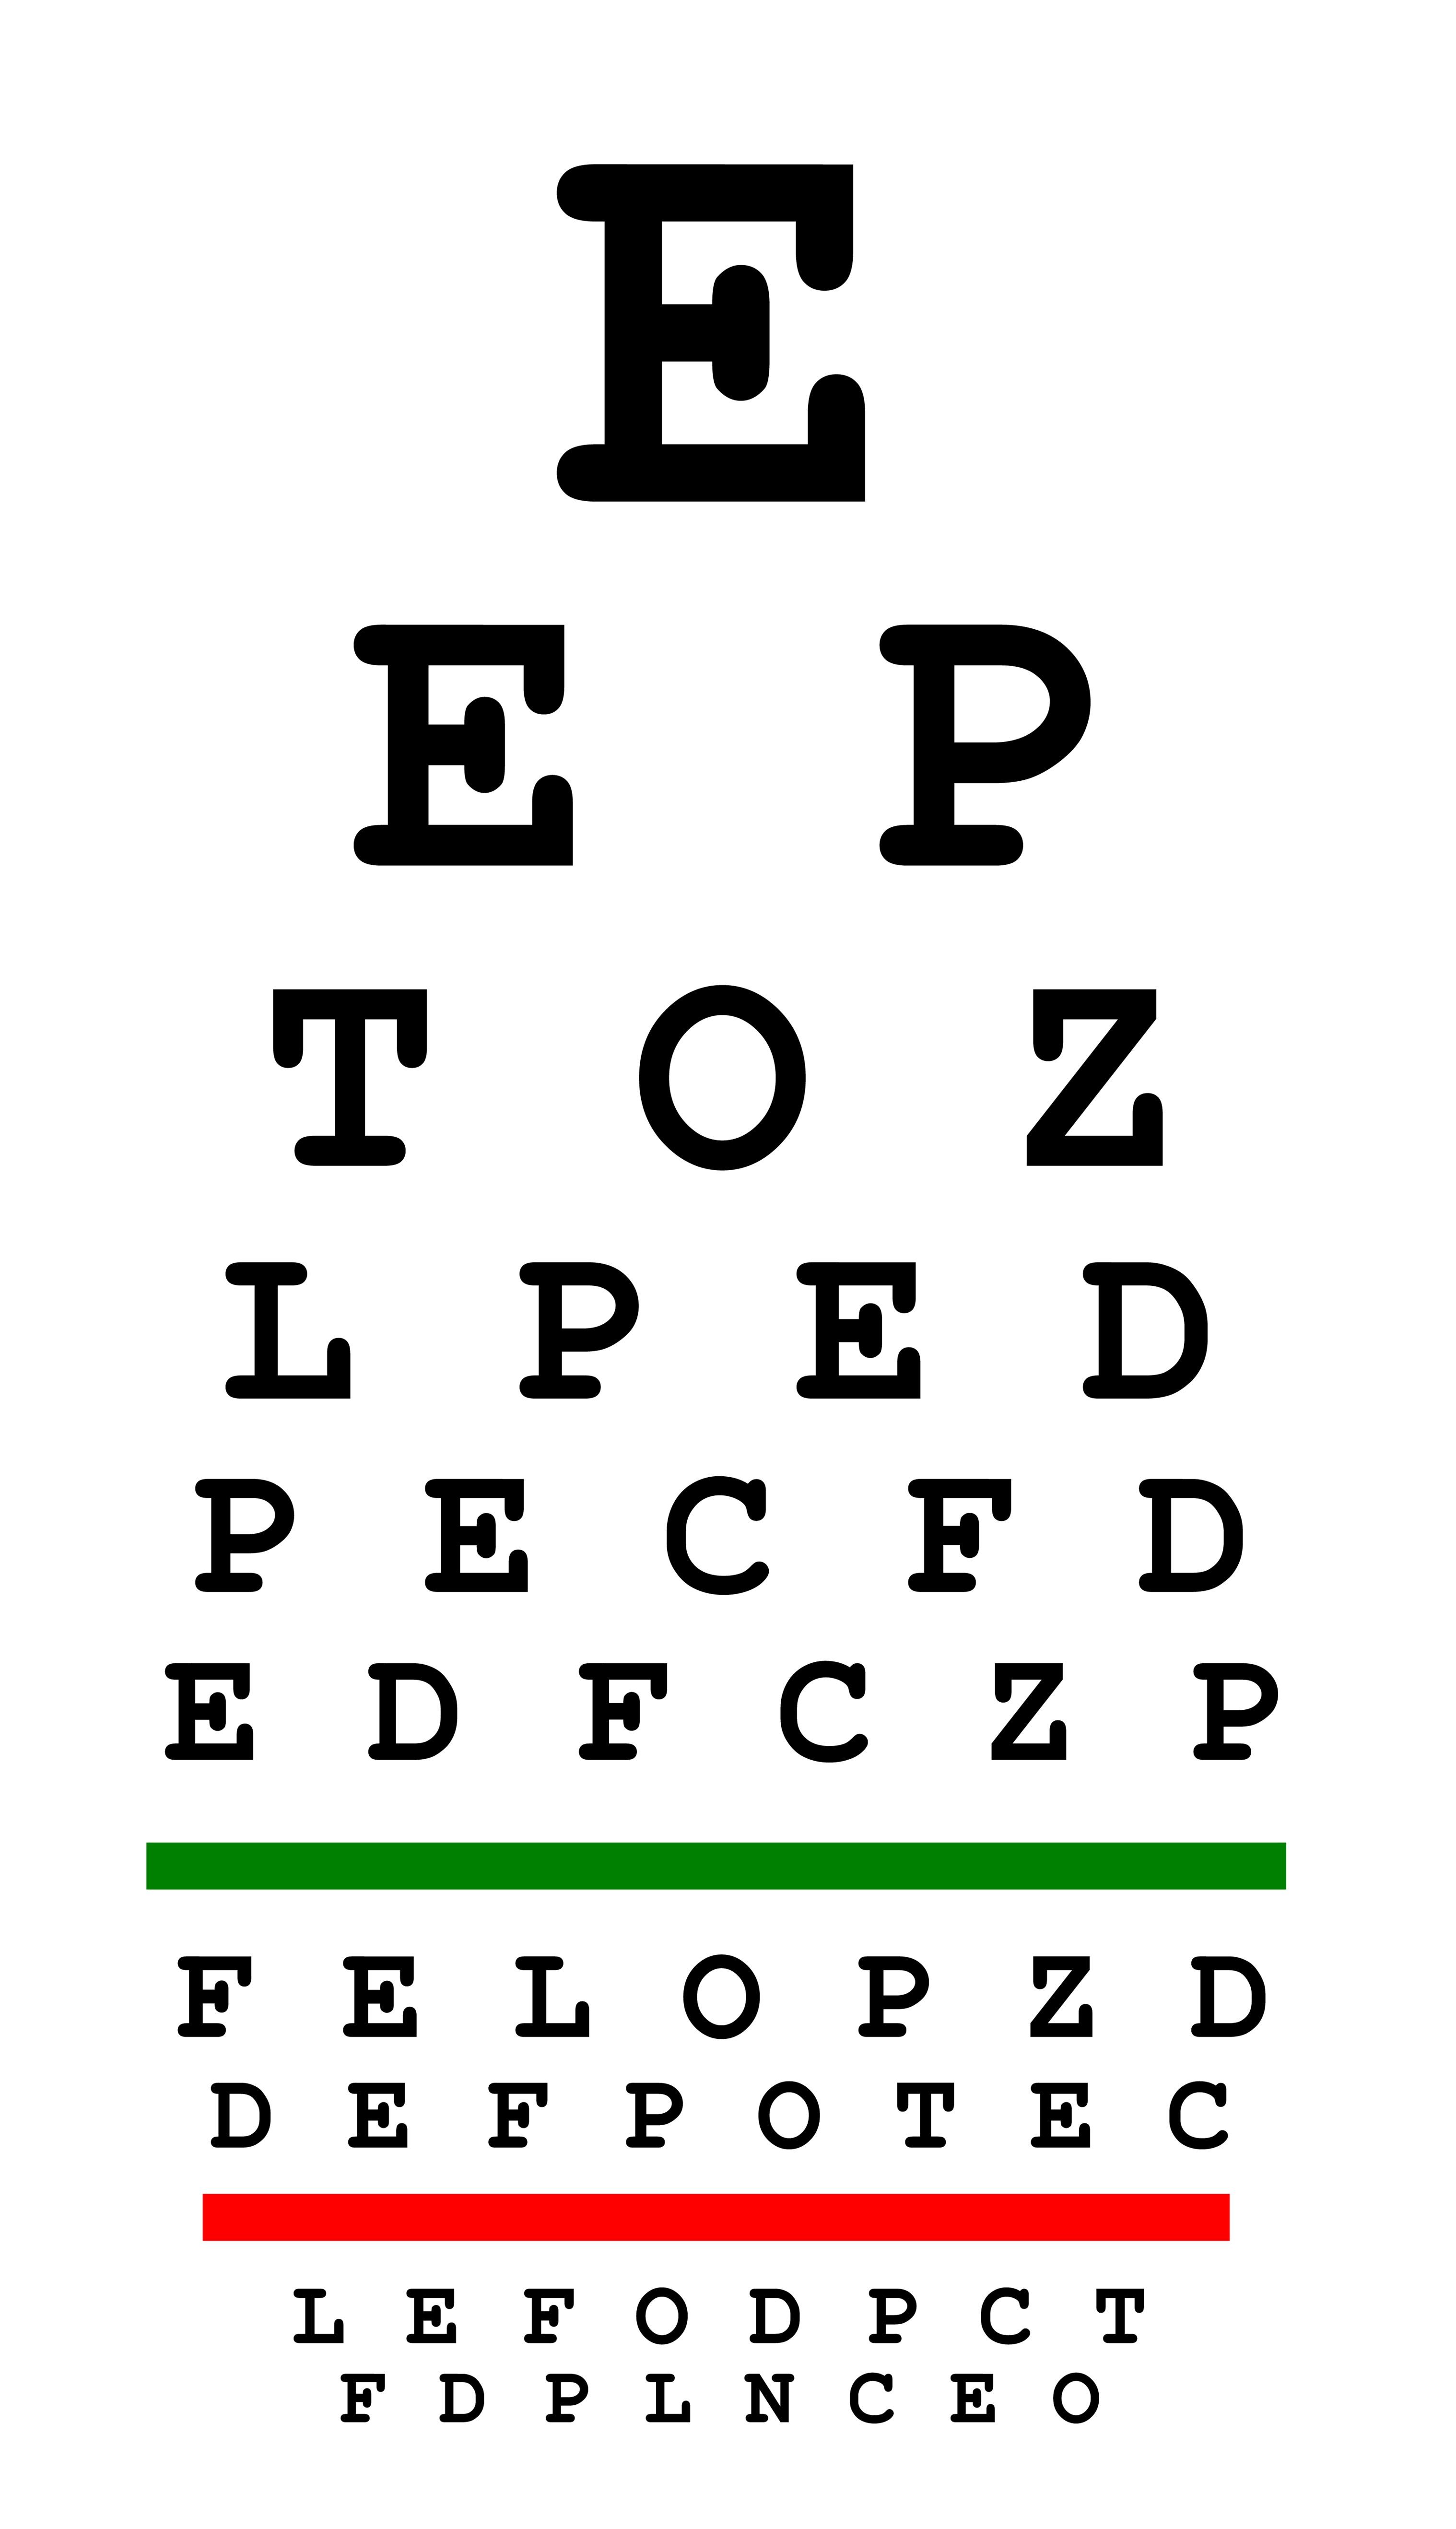 Free Eye Chart | Lone Star Vision - Eye Exam Chart Printable Free